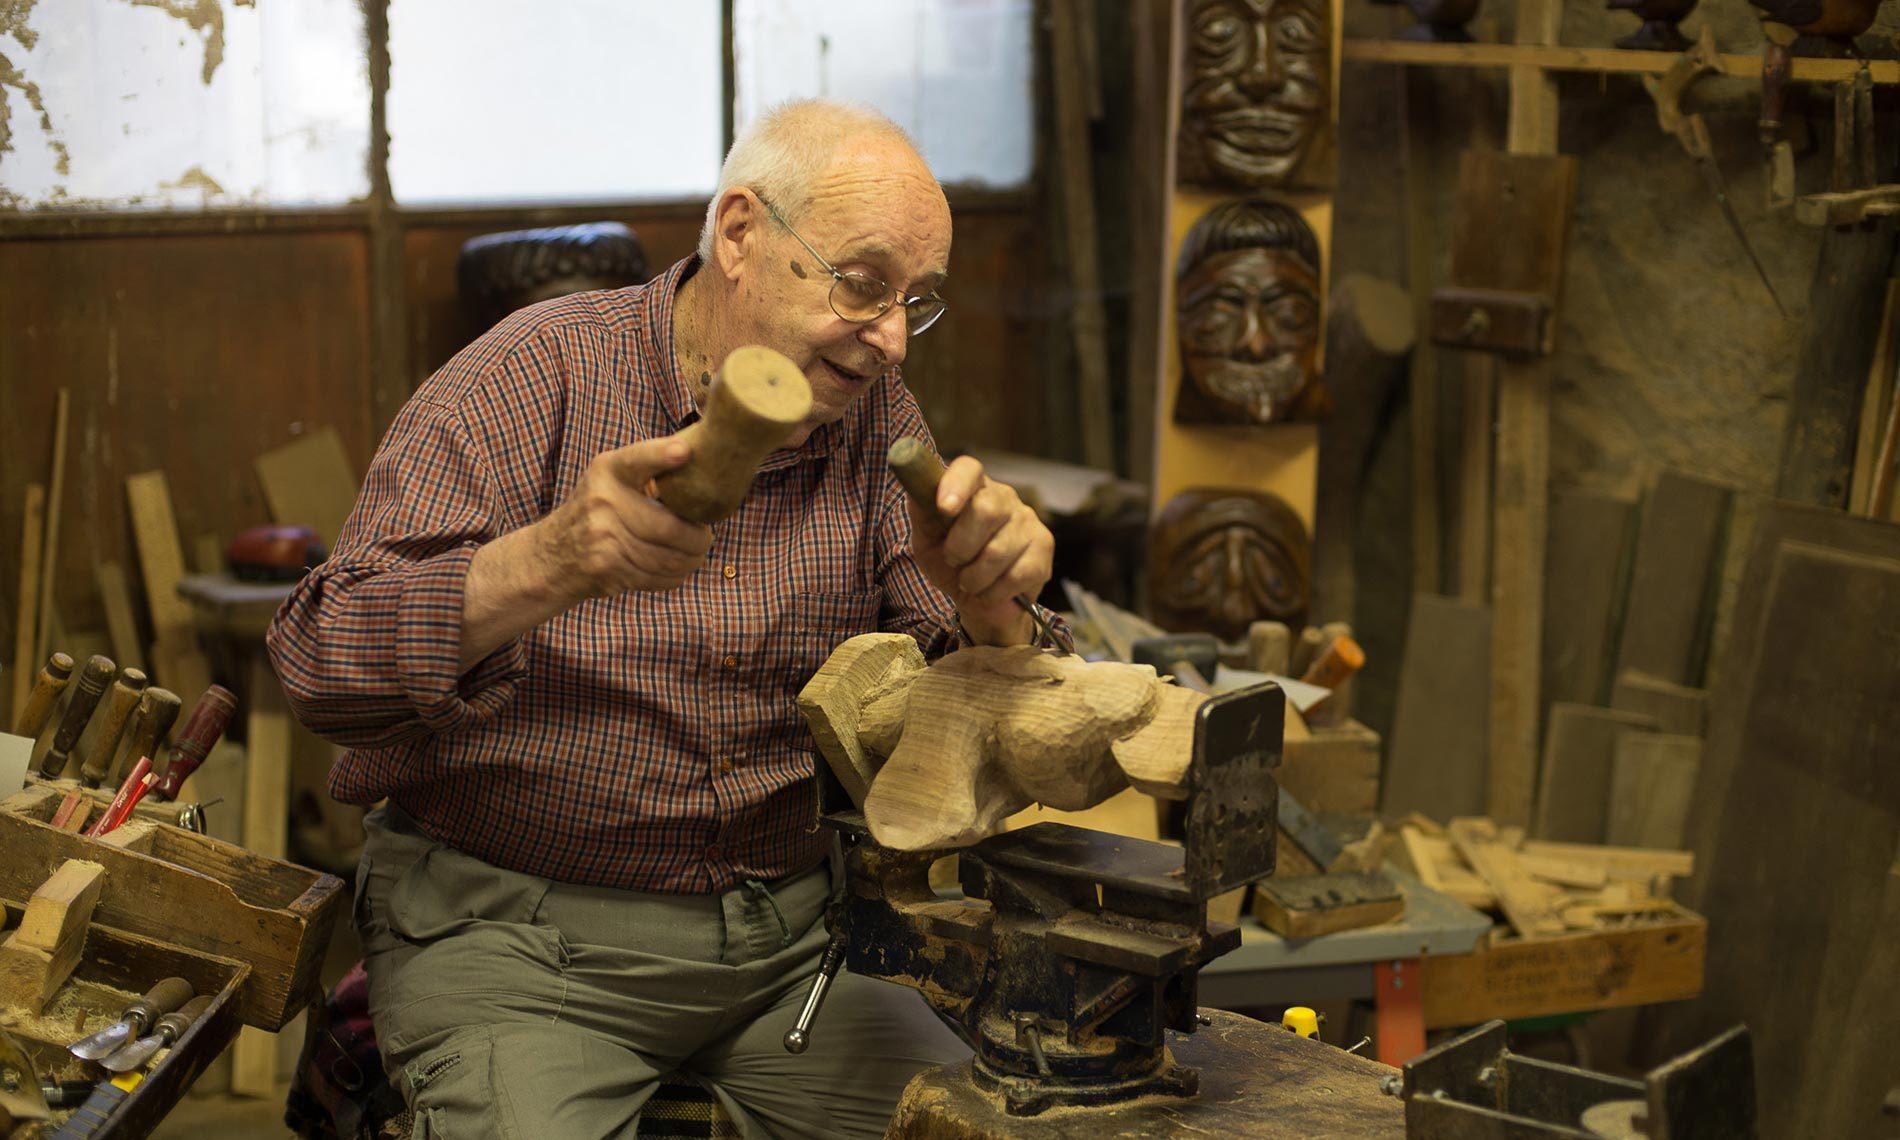 Giancarlo Bedoni, storico postino di Ameno e autore di legni scolpiti